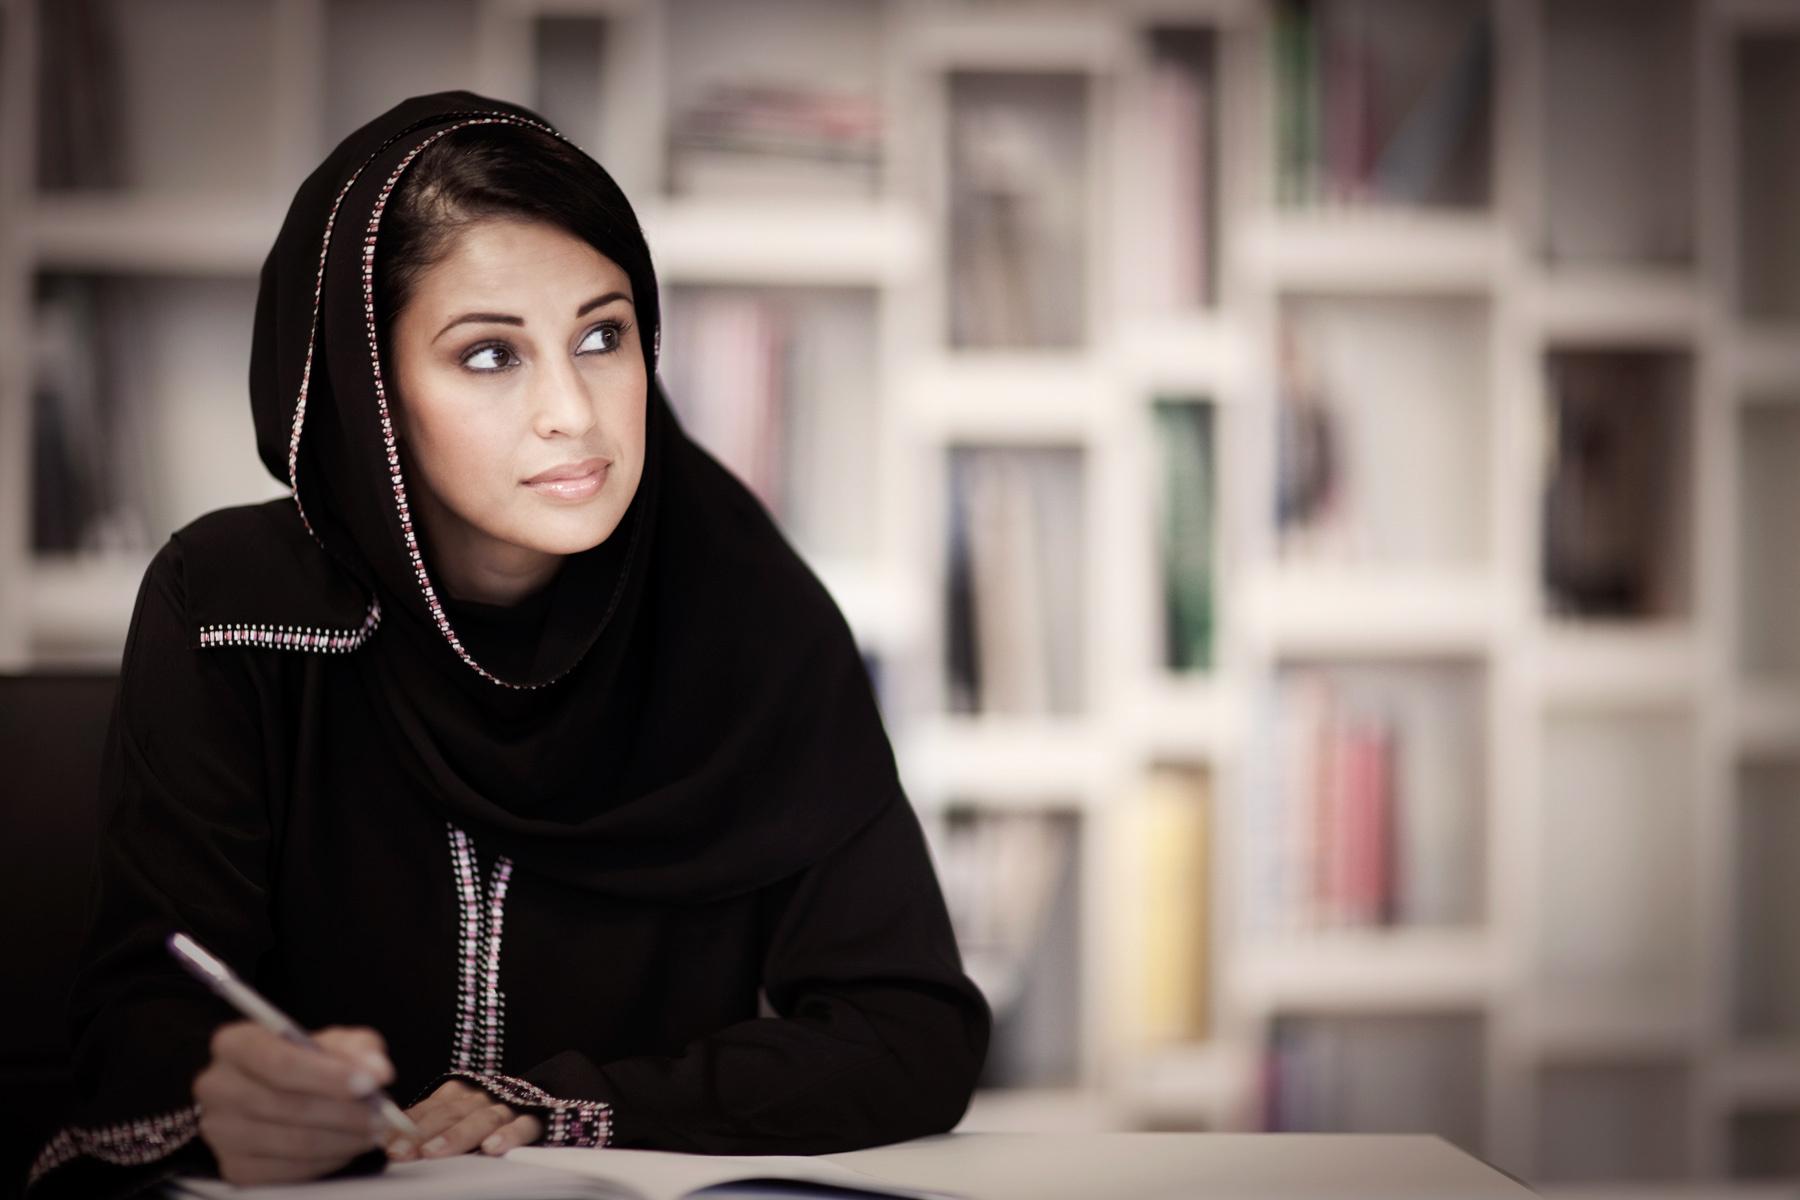 صور المراة العربية قبل الاسلام